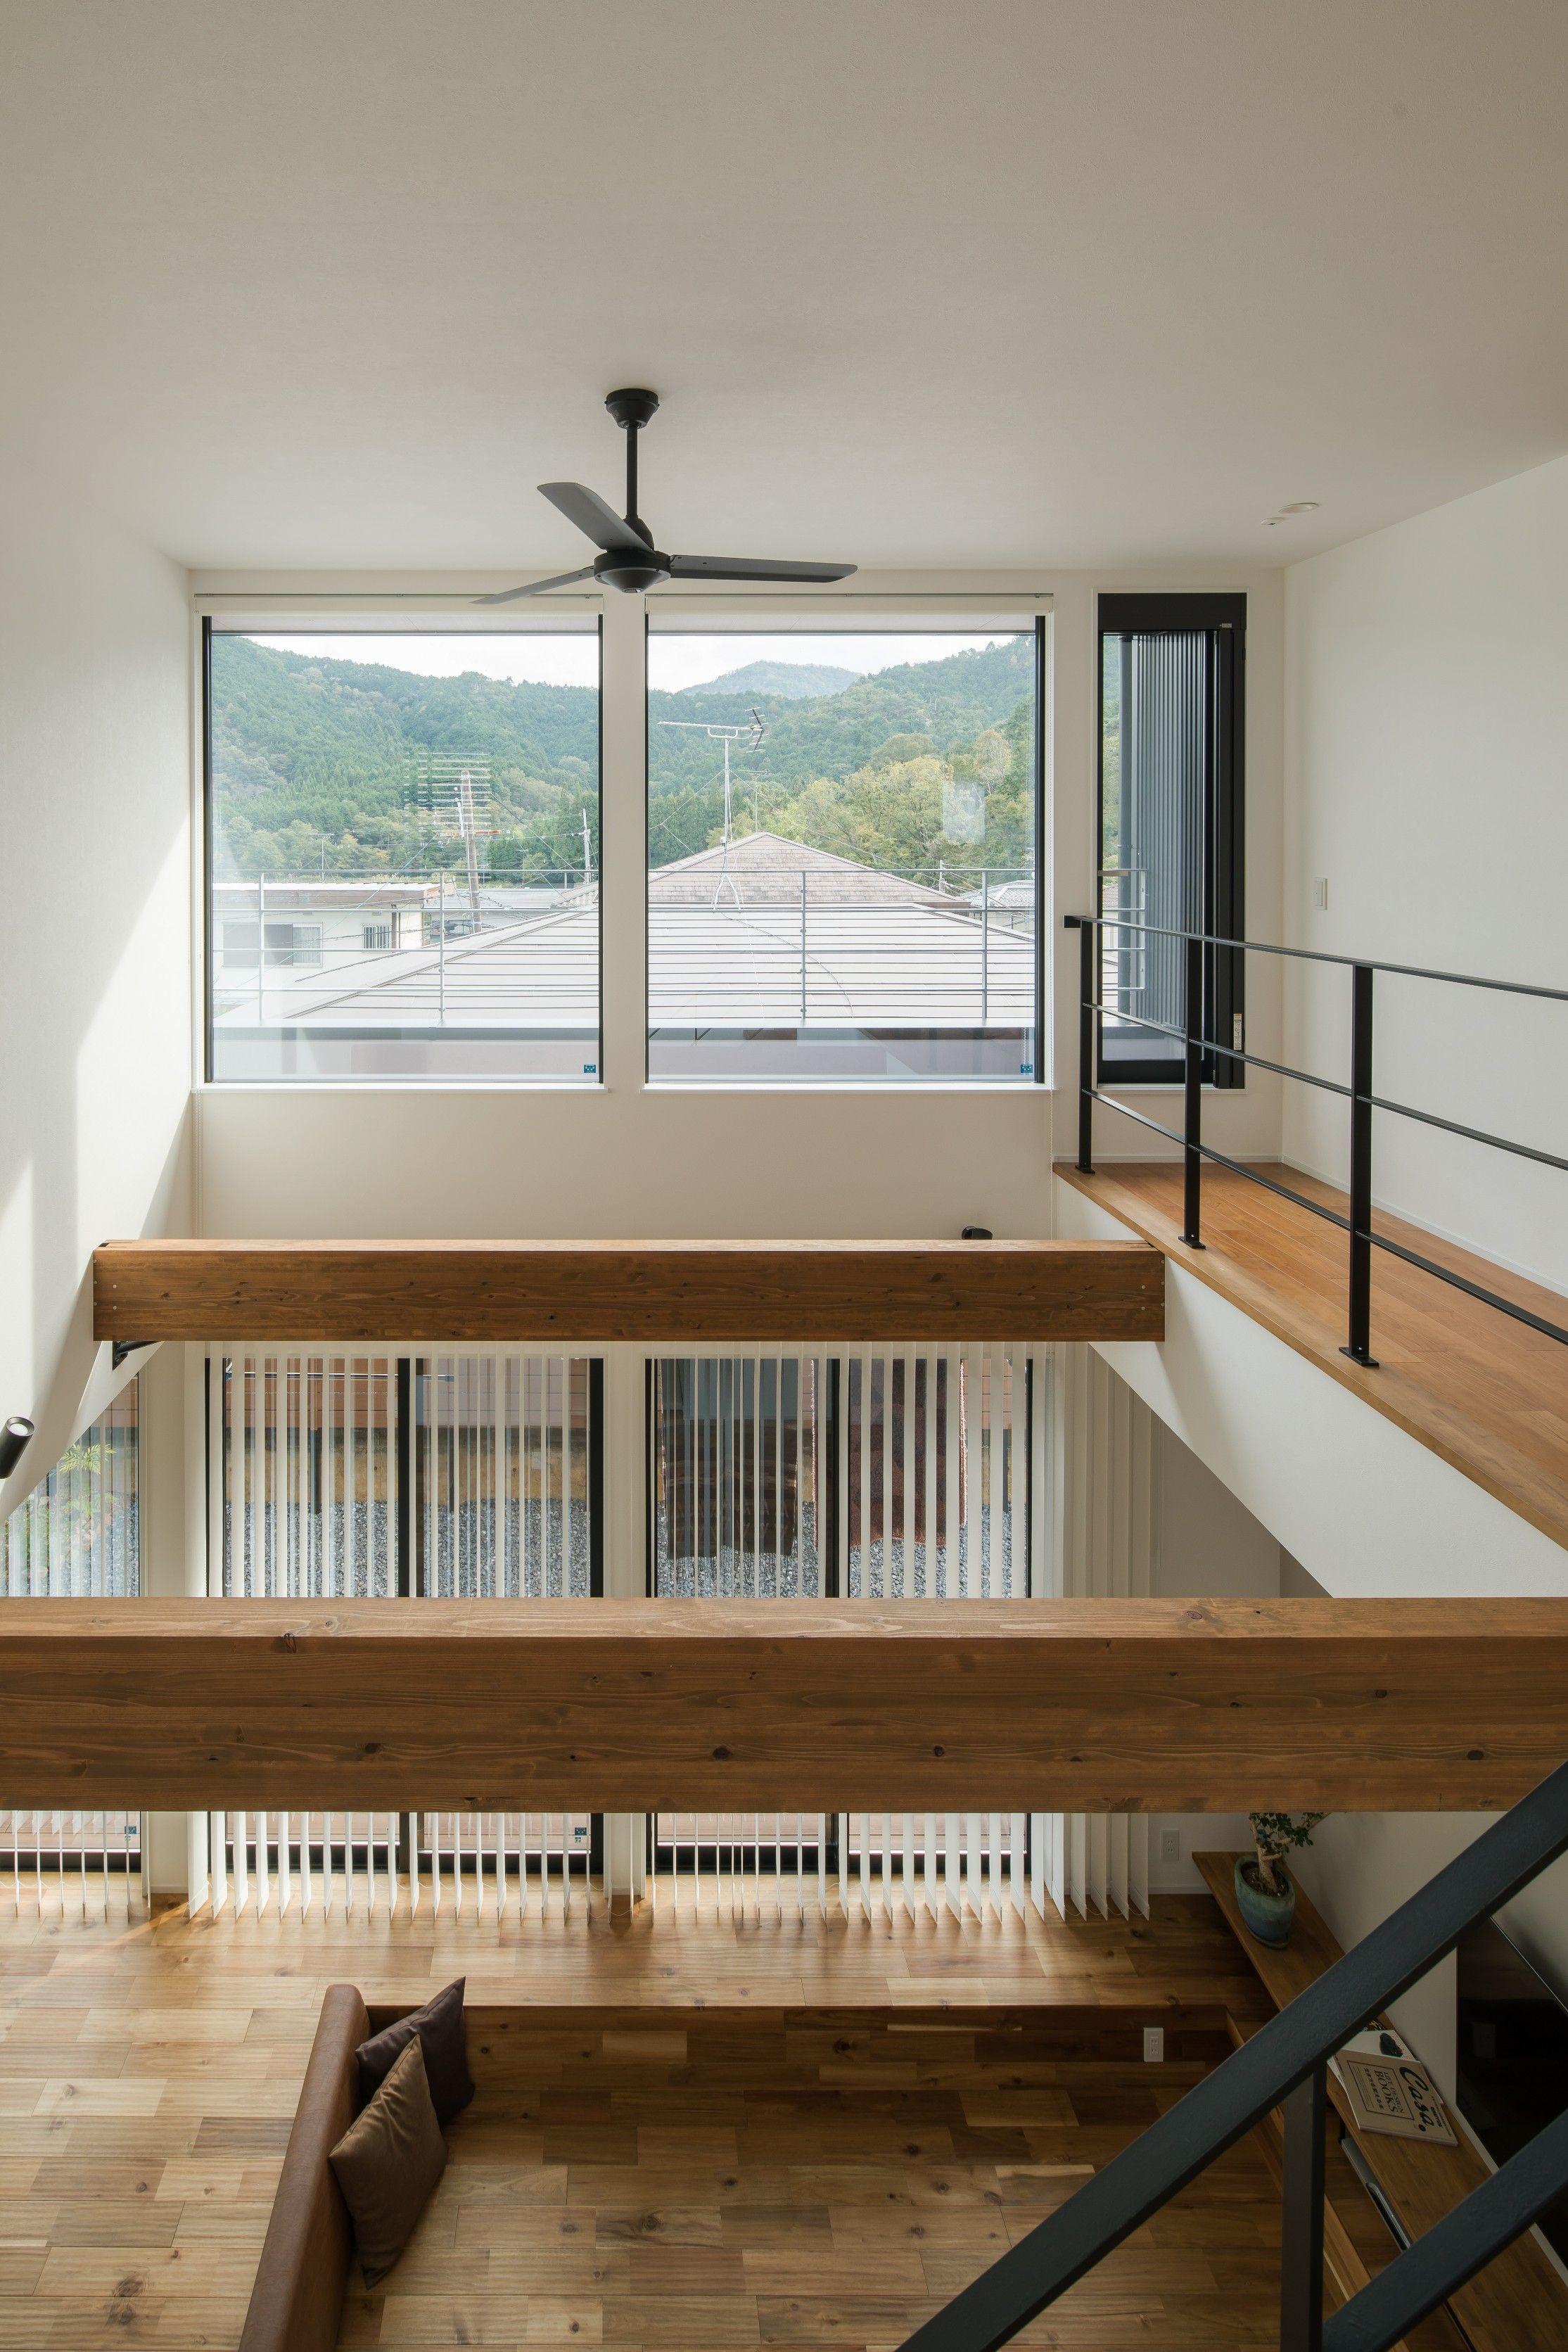 高くて広い気持ちのいい吹き抜け 2階の大きな窓から広がる眺望は